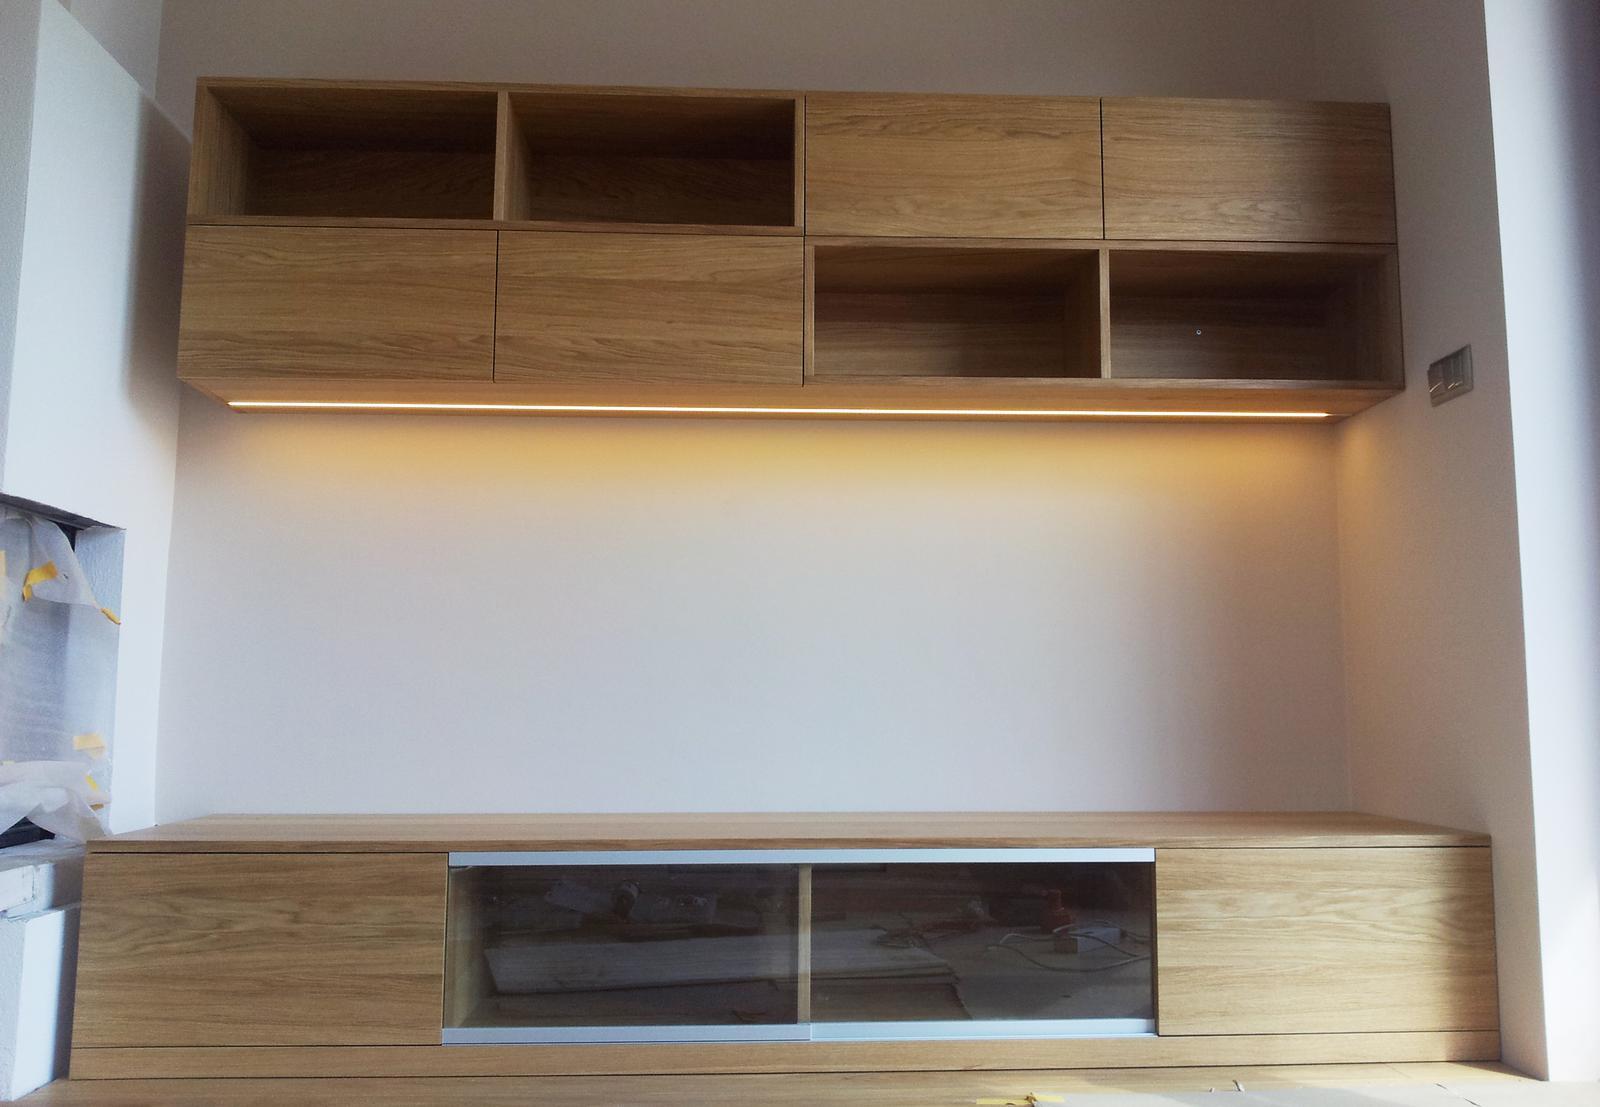 Dizajn a výroba nábytku na mieru Cubica - TV skrinka s knižnicou s LED osvetlením - dub prírodný - dizajn a výroba cubica